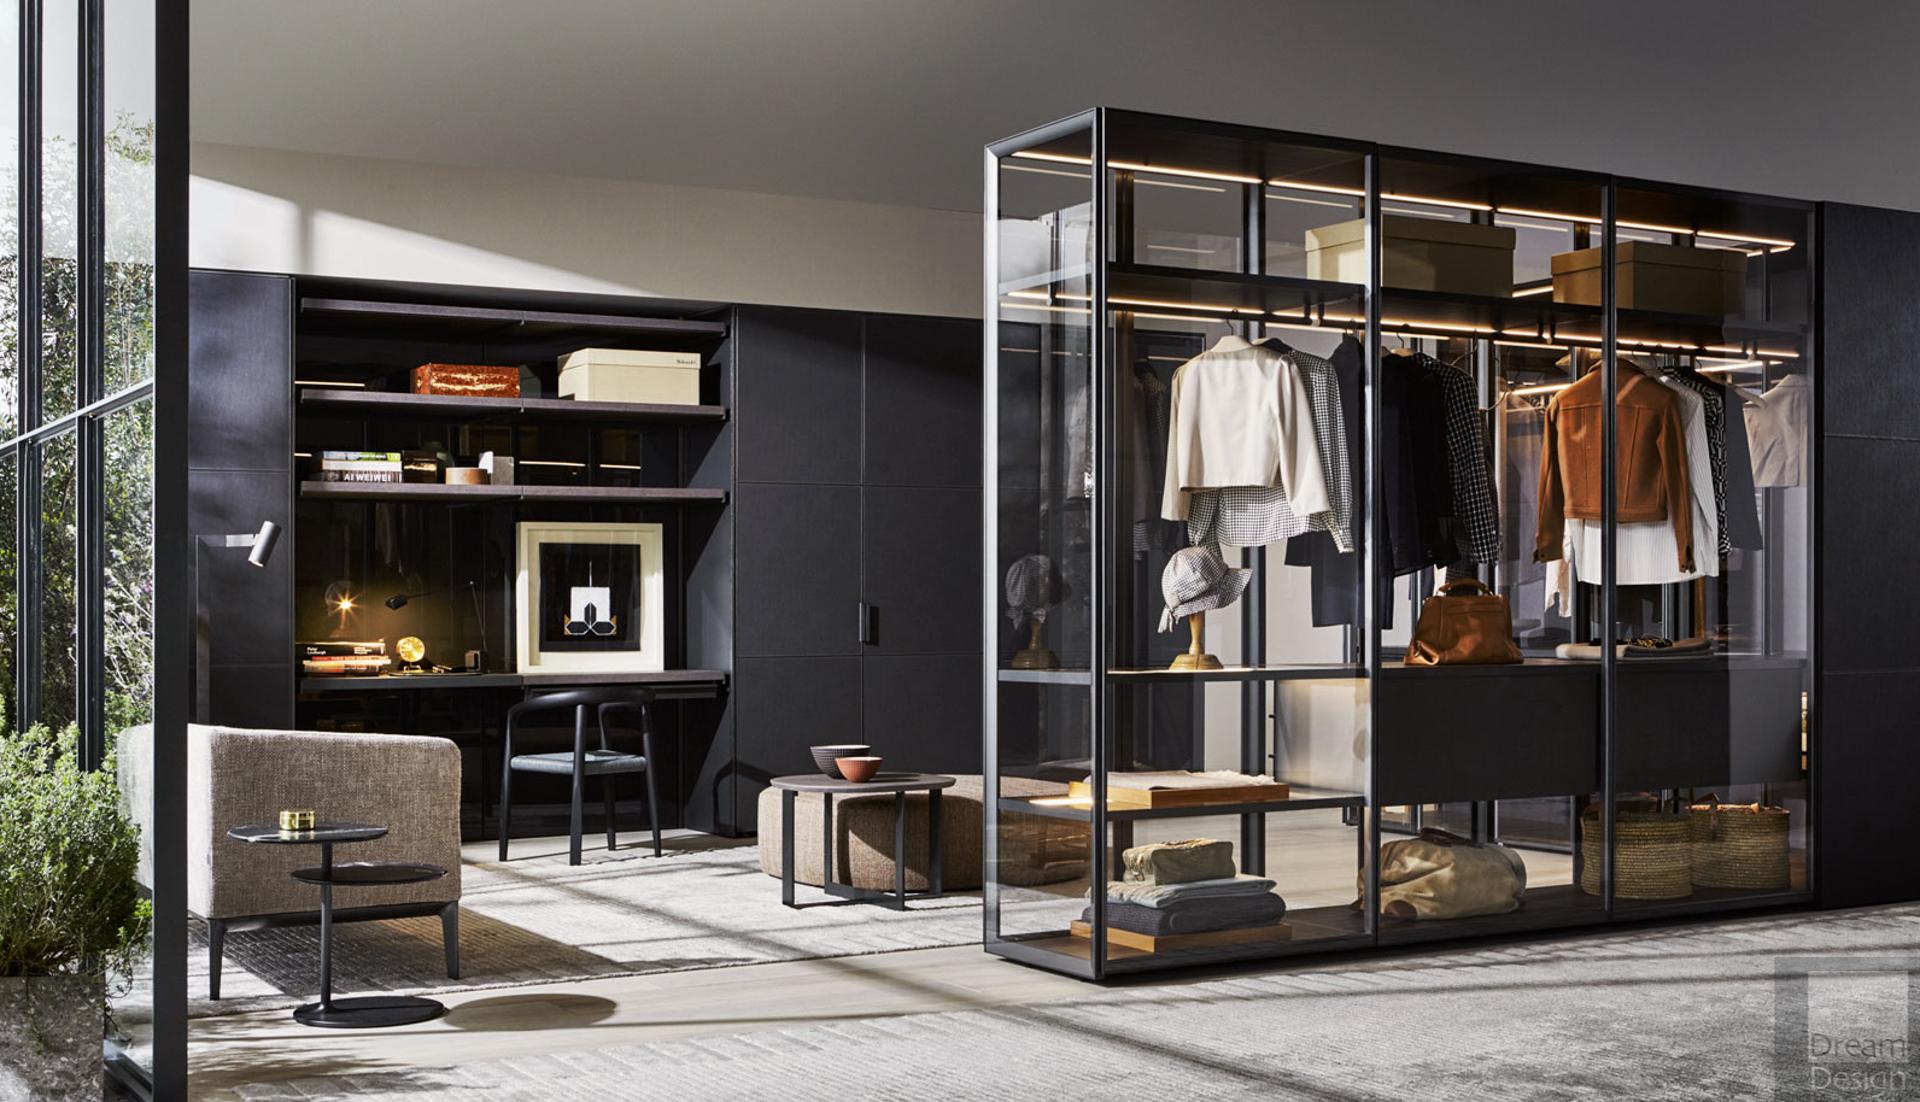 Molteni Amp C Gliss Master Glass Dream Design Interiors Ltd